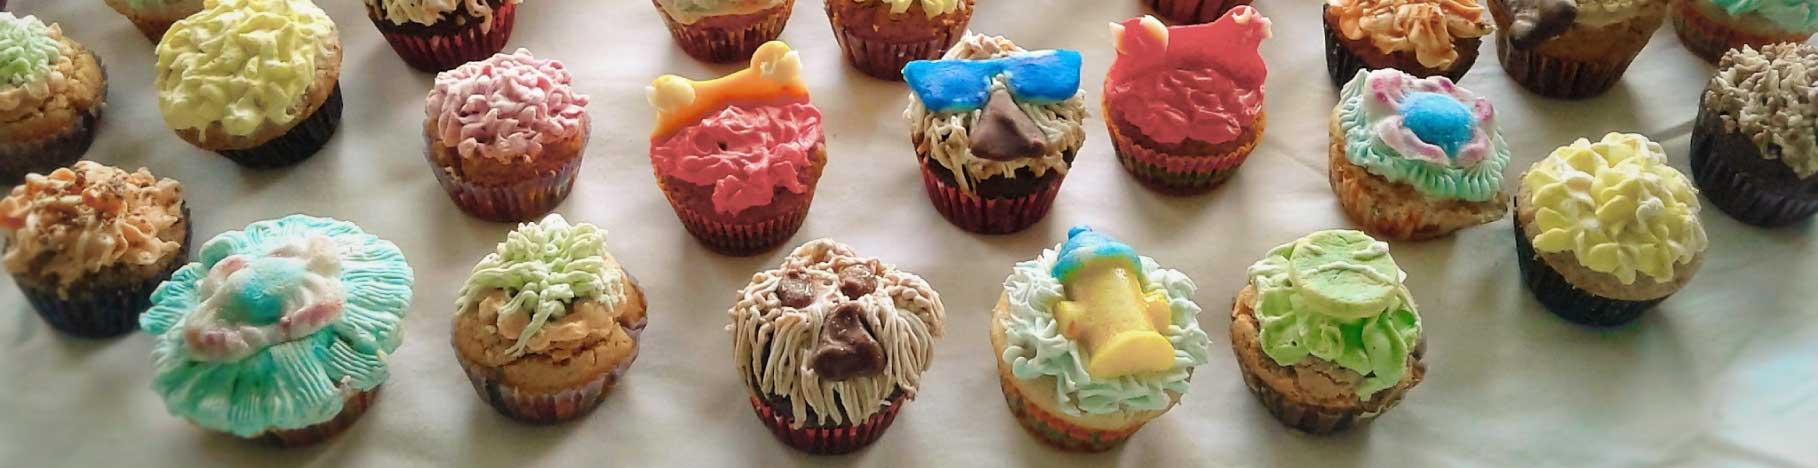 cake-slides2